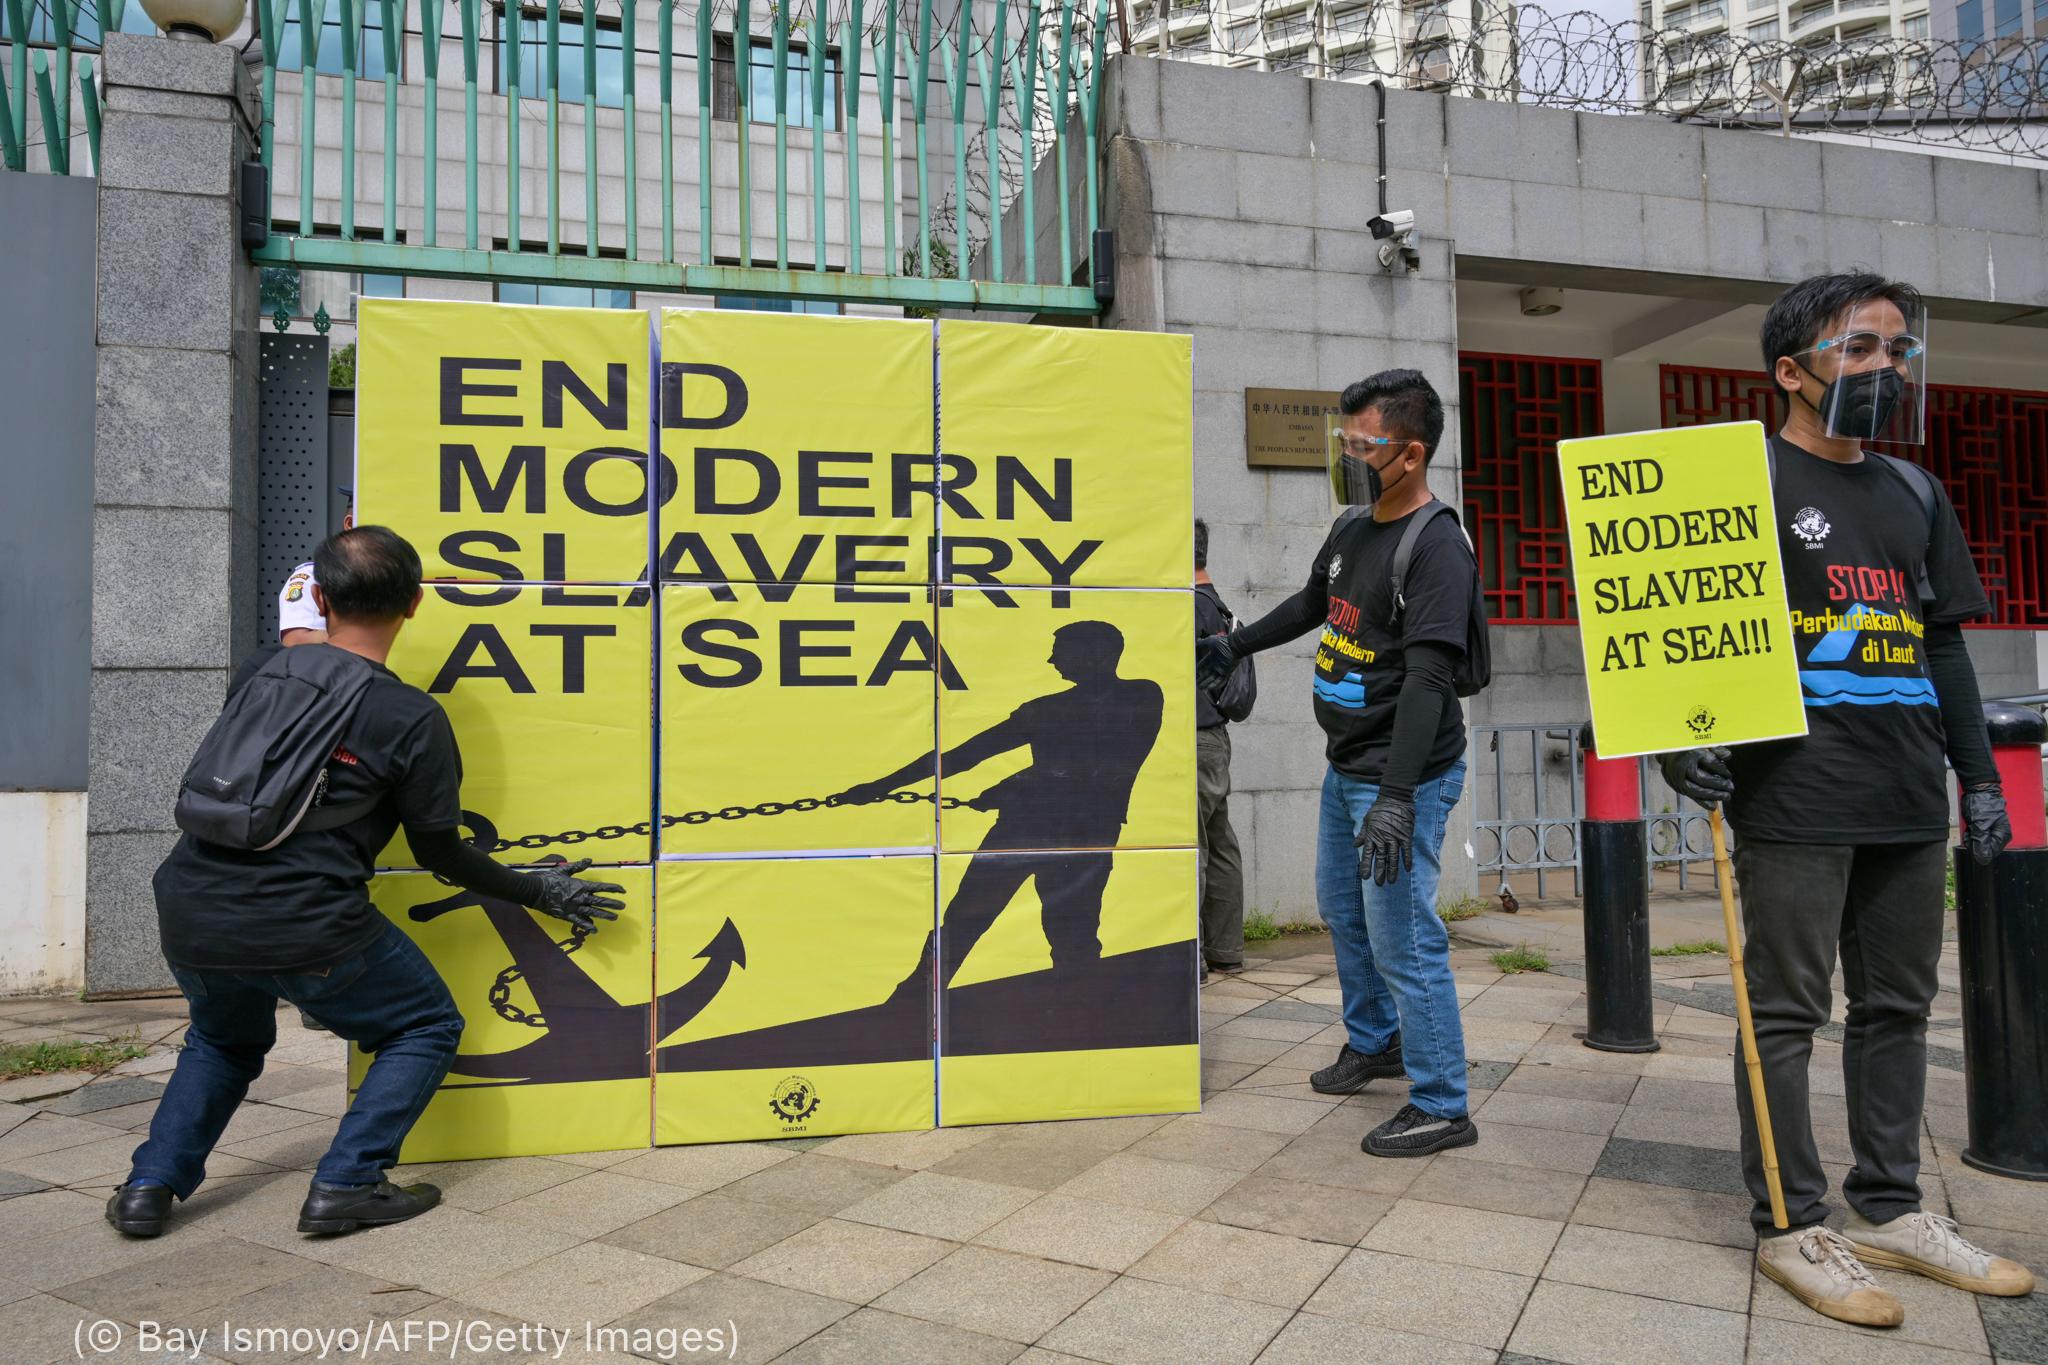 مردانی که علیه برده داری در دریا اعتراض می کنند (© Bay Ismoyo/AFP/Getty Images)